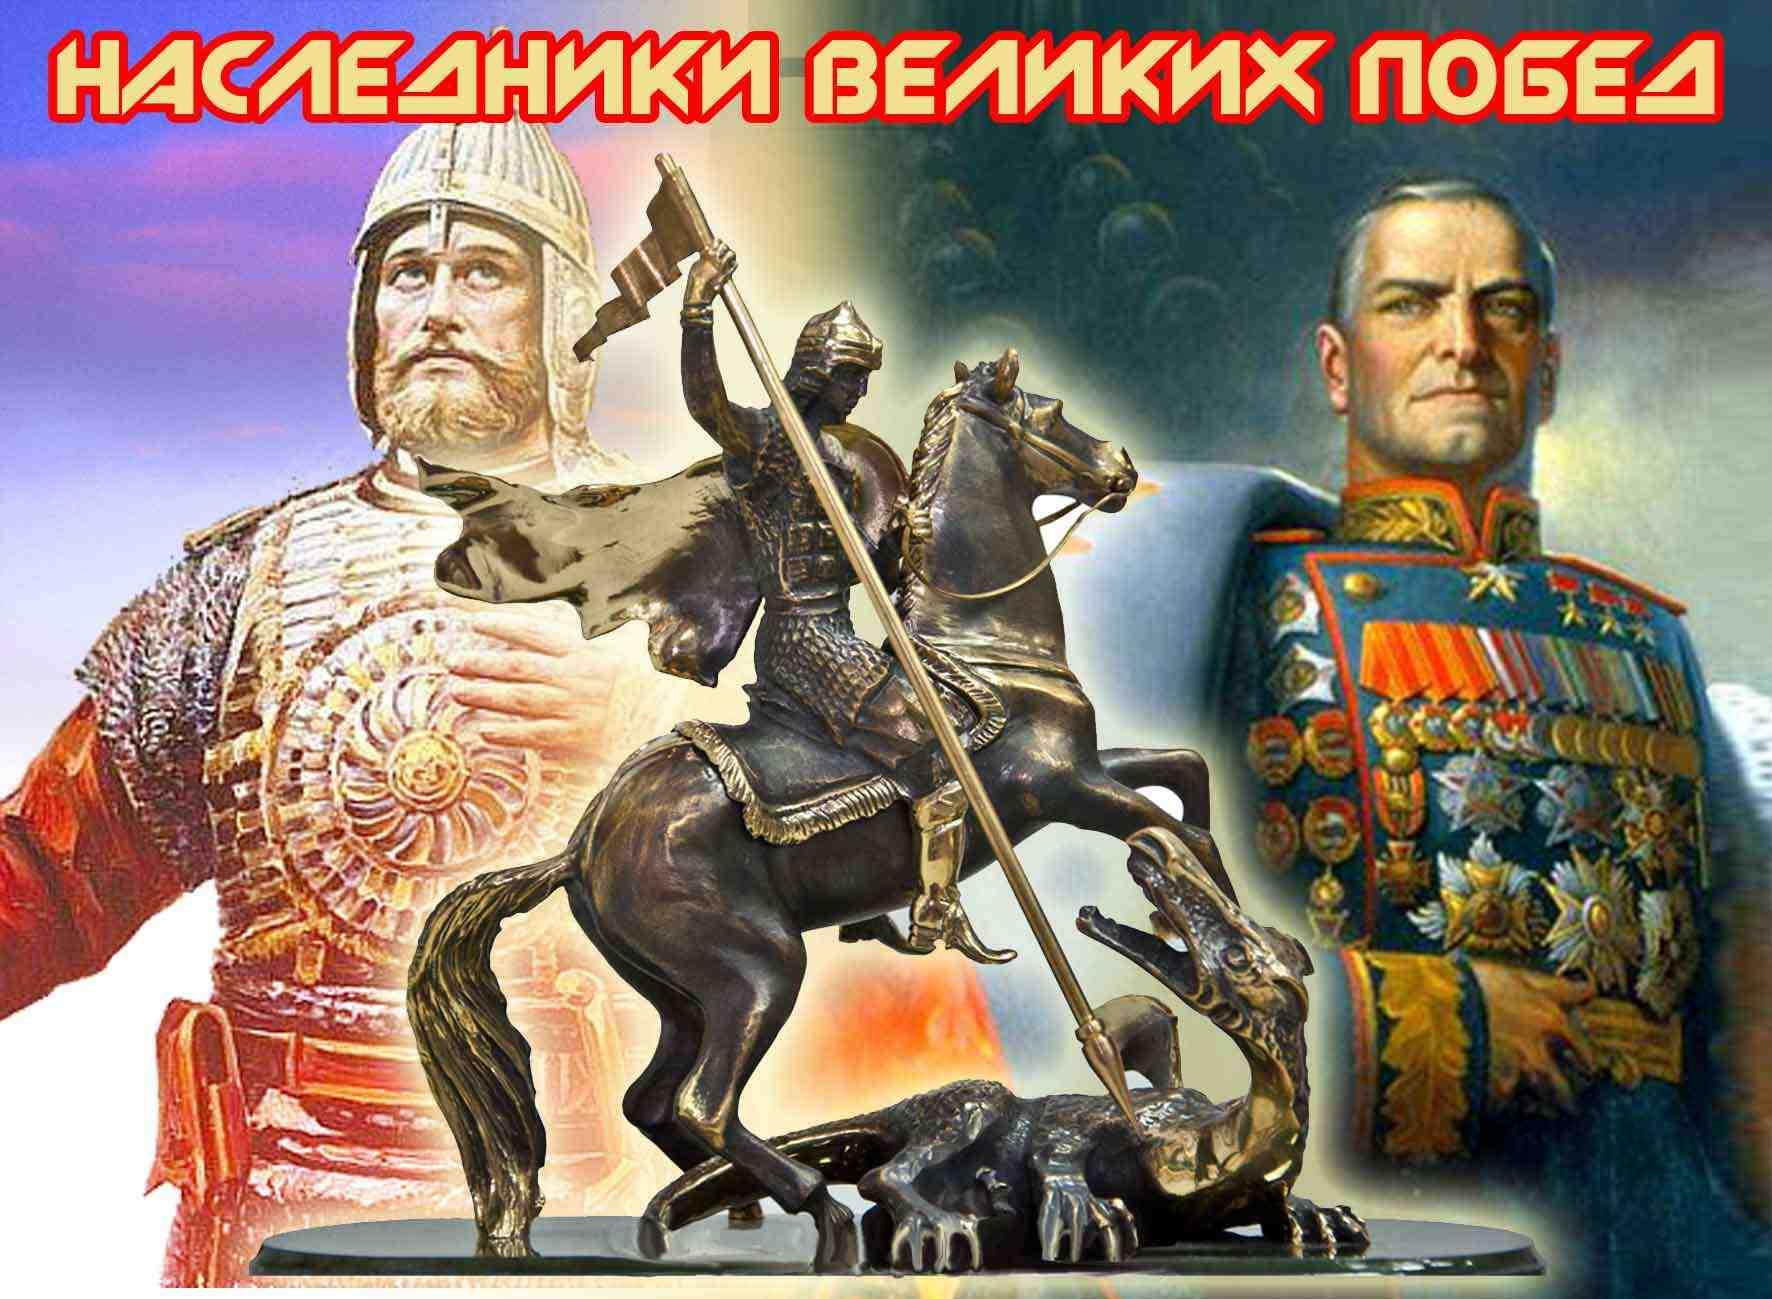 ❶Защитники отечества в истории россии|Поздравление с 23 февраля главному инженеру|||}